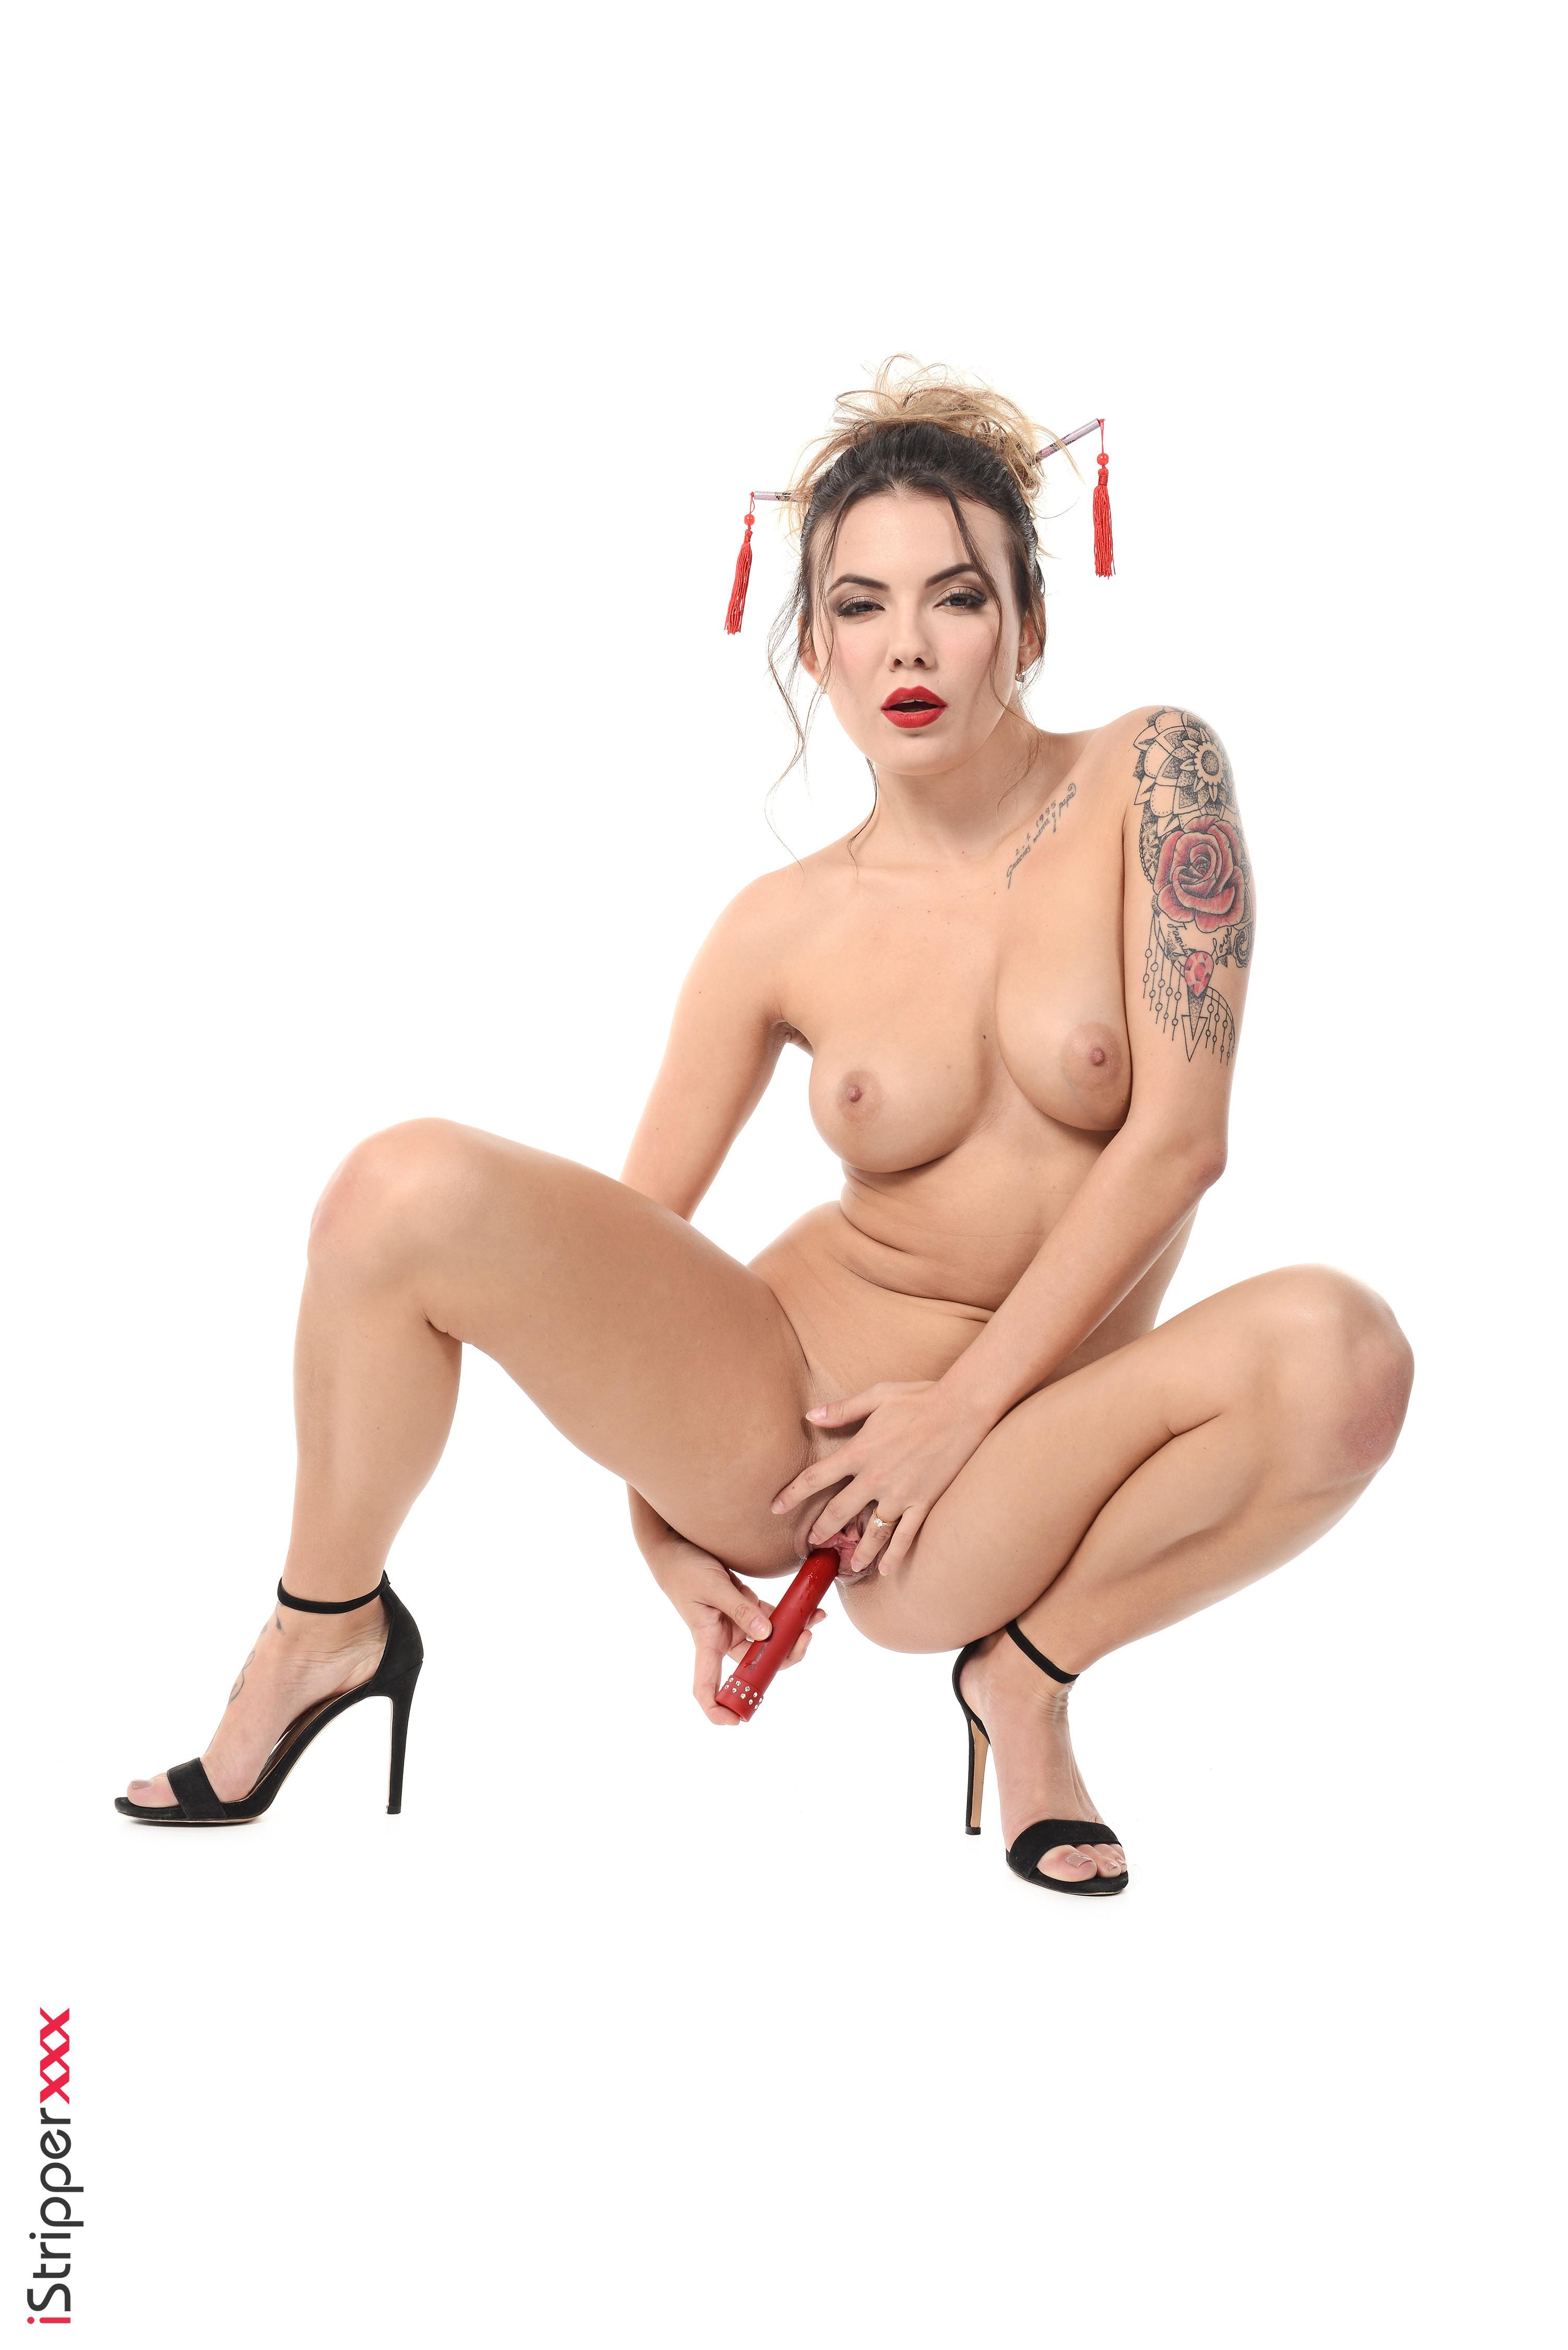 hot porn wallpaper